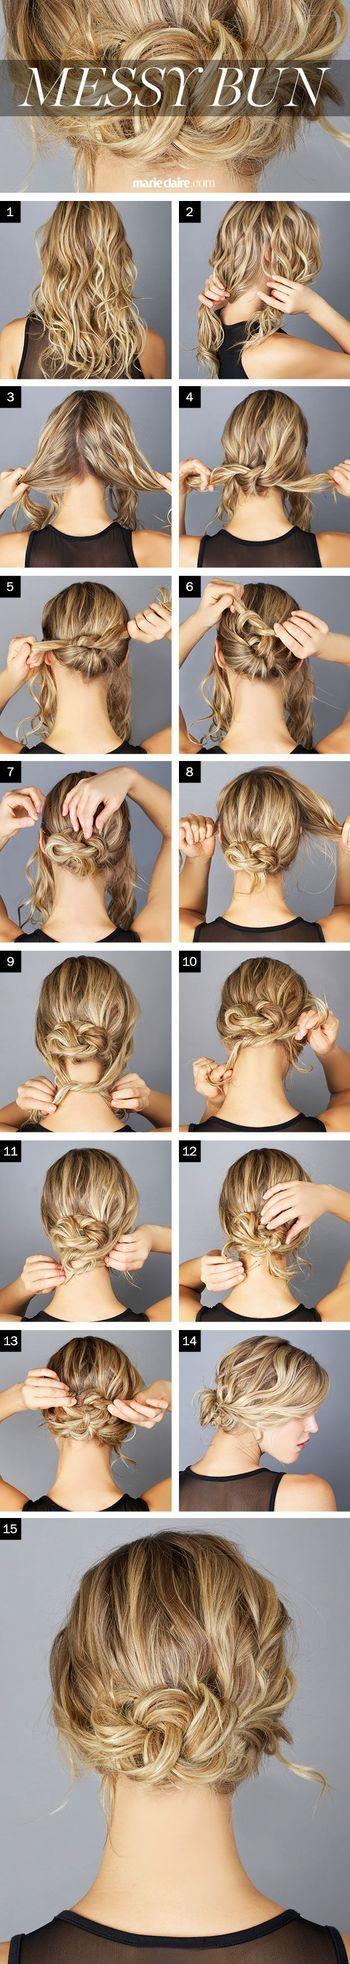 両サイドの髪を残し(2)、まず二つに分けた後ろの毛を紐を結ぶ要領で交差させます(4)。その毛先をまた結び、さらに結び・・・と繰り返し、結ぶ部分がなくなったらピンで留めて固定ます(7)。続いて両サイドに残しておいた髪を、先ほどつくったシニヨンの下で同じように結んでいき、最後はピンで留めバランスを整えて完成。 ルーズな雰囲気ながらも、手の込んだ女性らしいまとめ髪です。